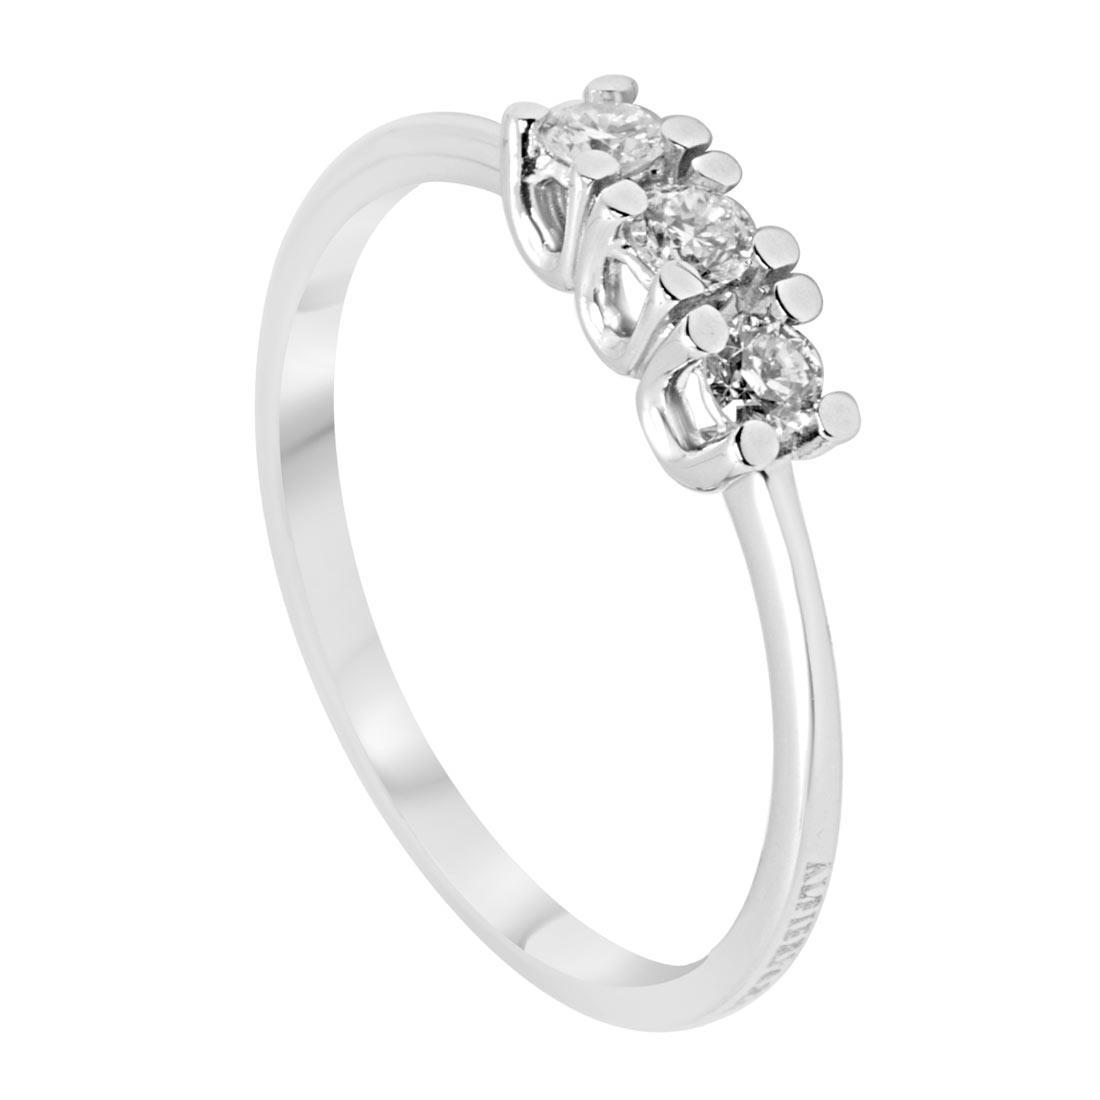 Anello trilogy in oro bianco con diamanti mis 13 - ALFIERI ST JOHN